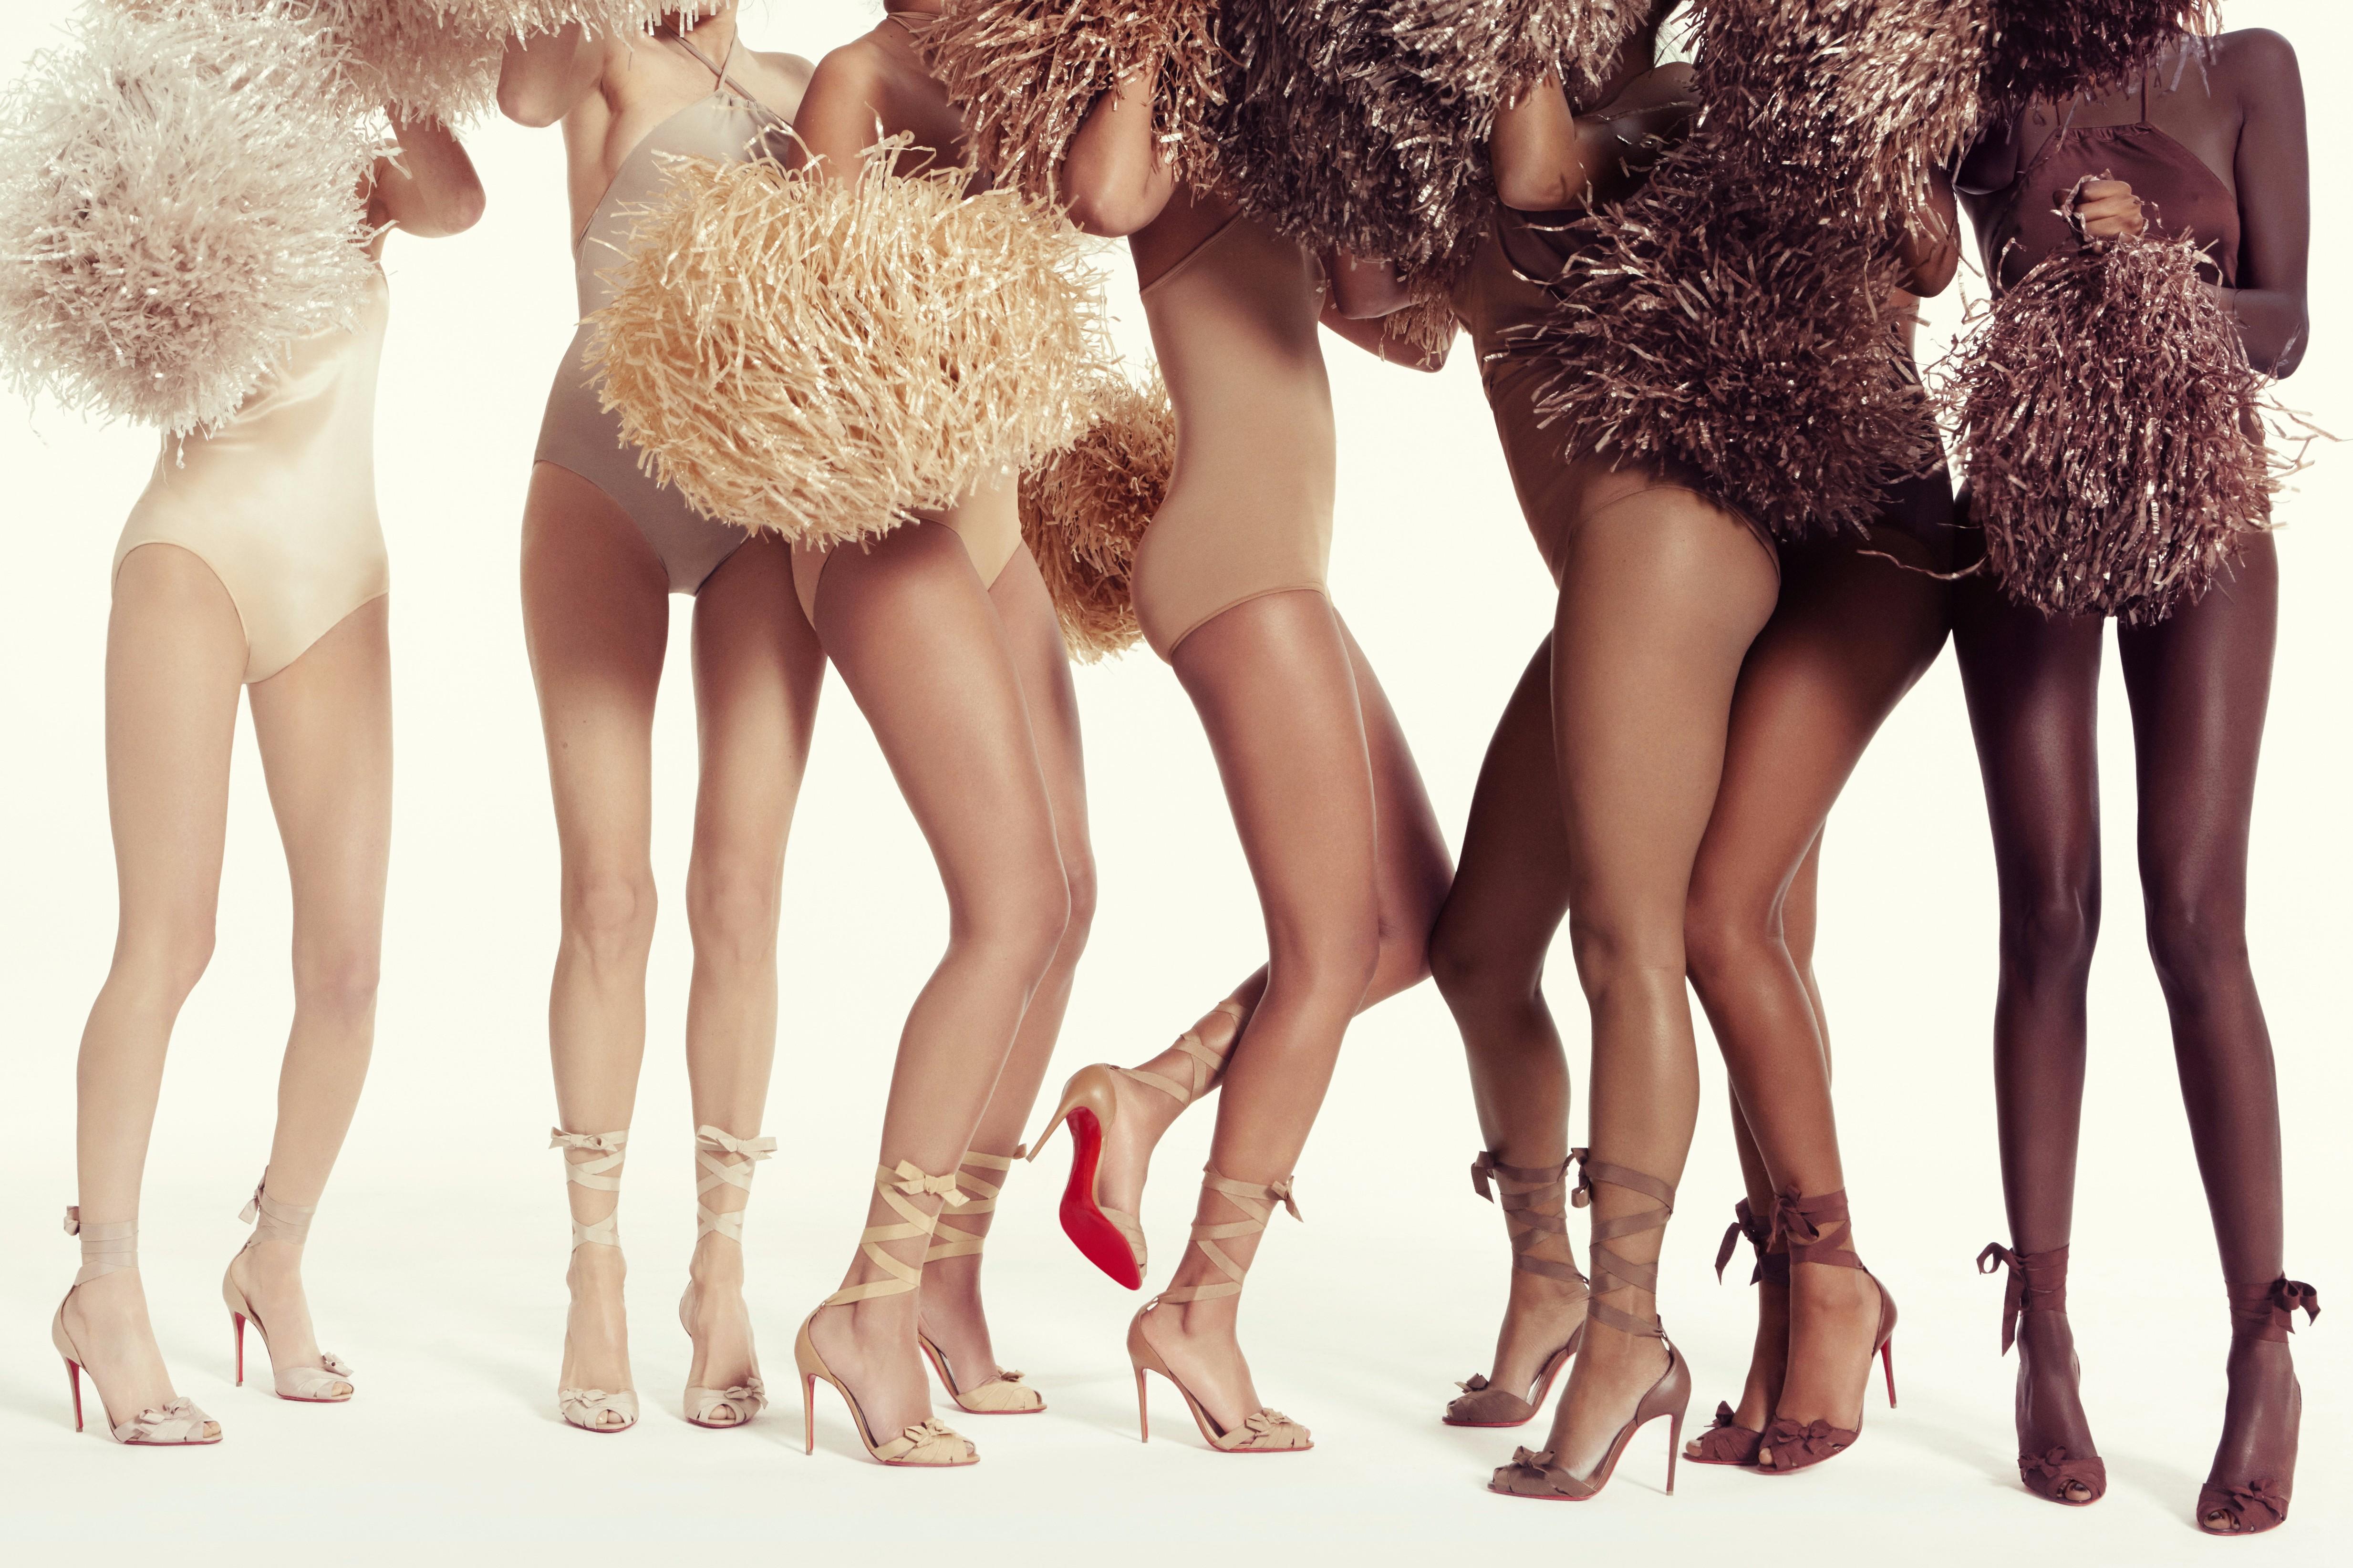 Louboutin Goes Nude